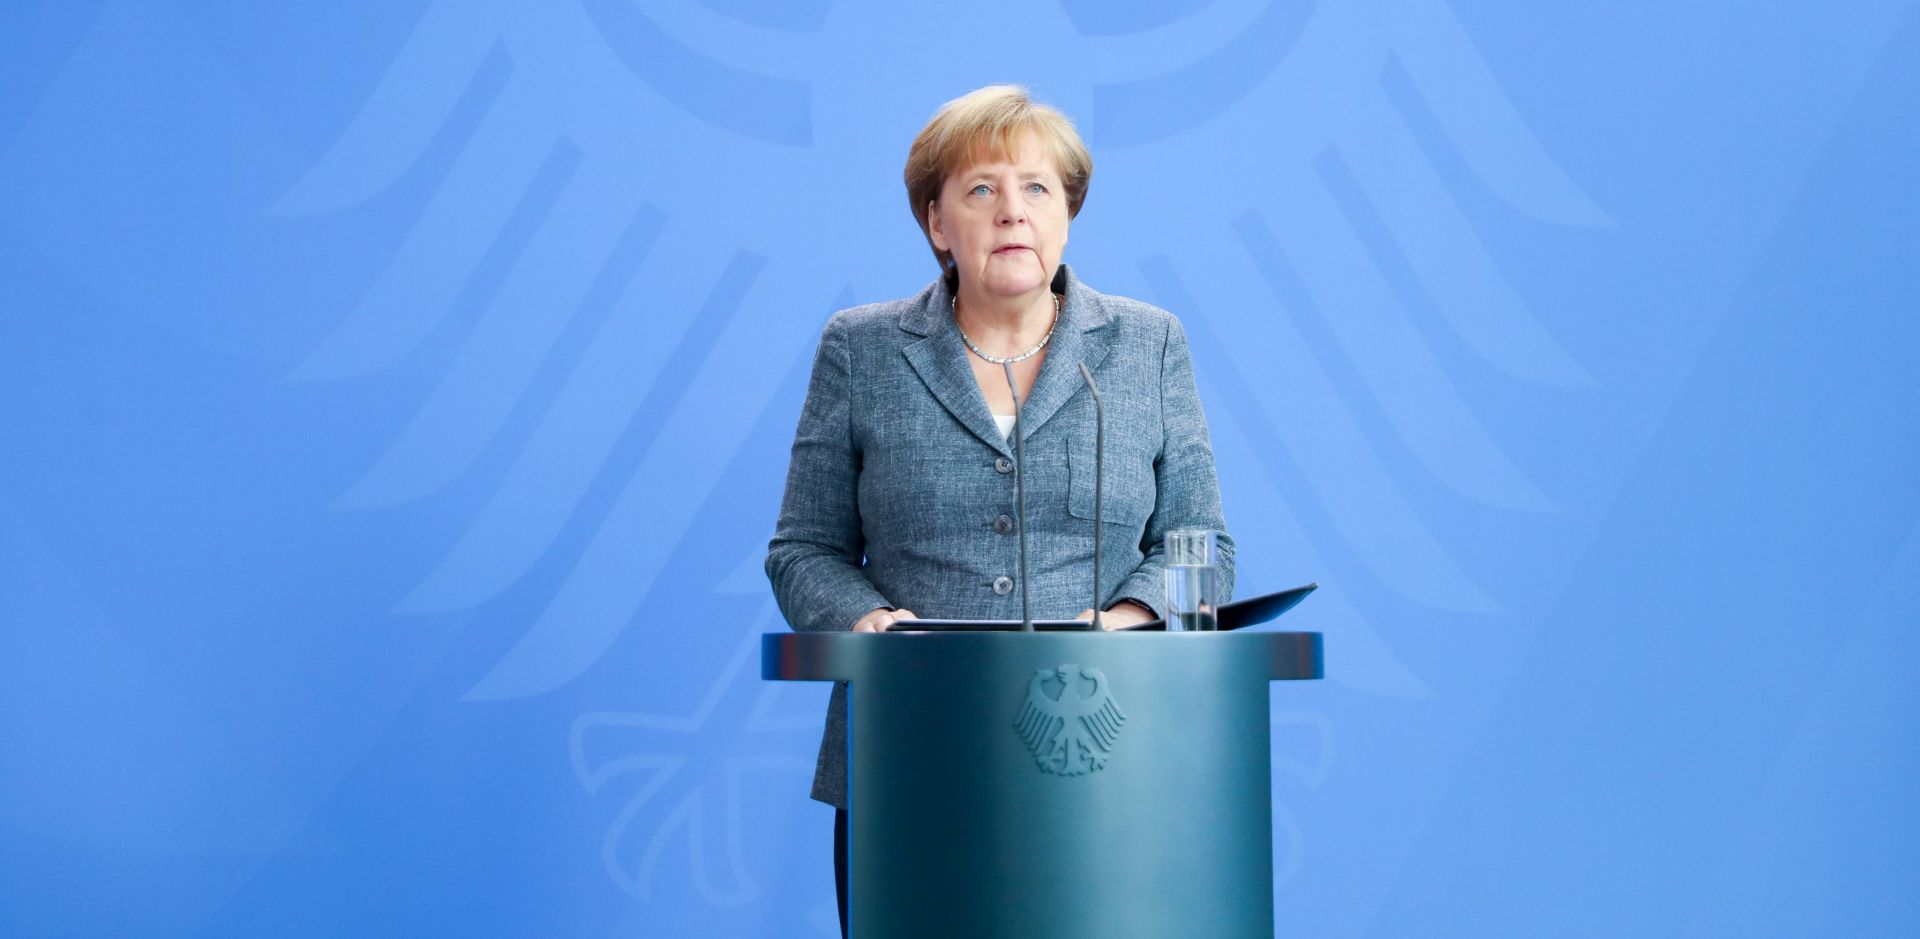 Merkel odgodila odluku o novom mandatu za početak 2017.